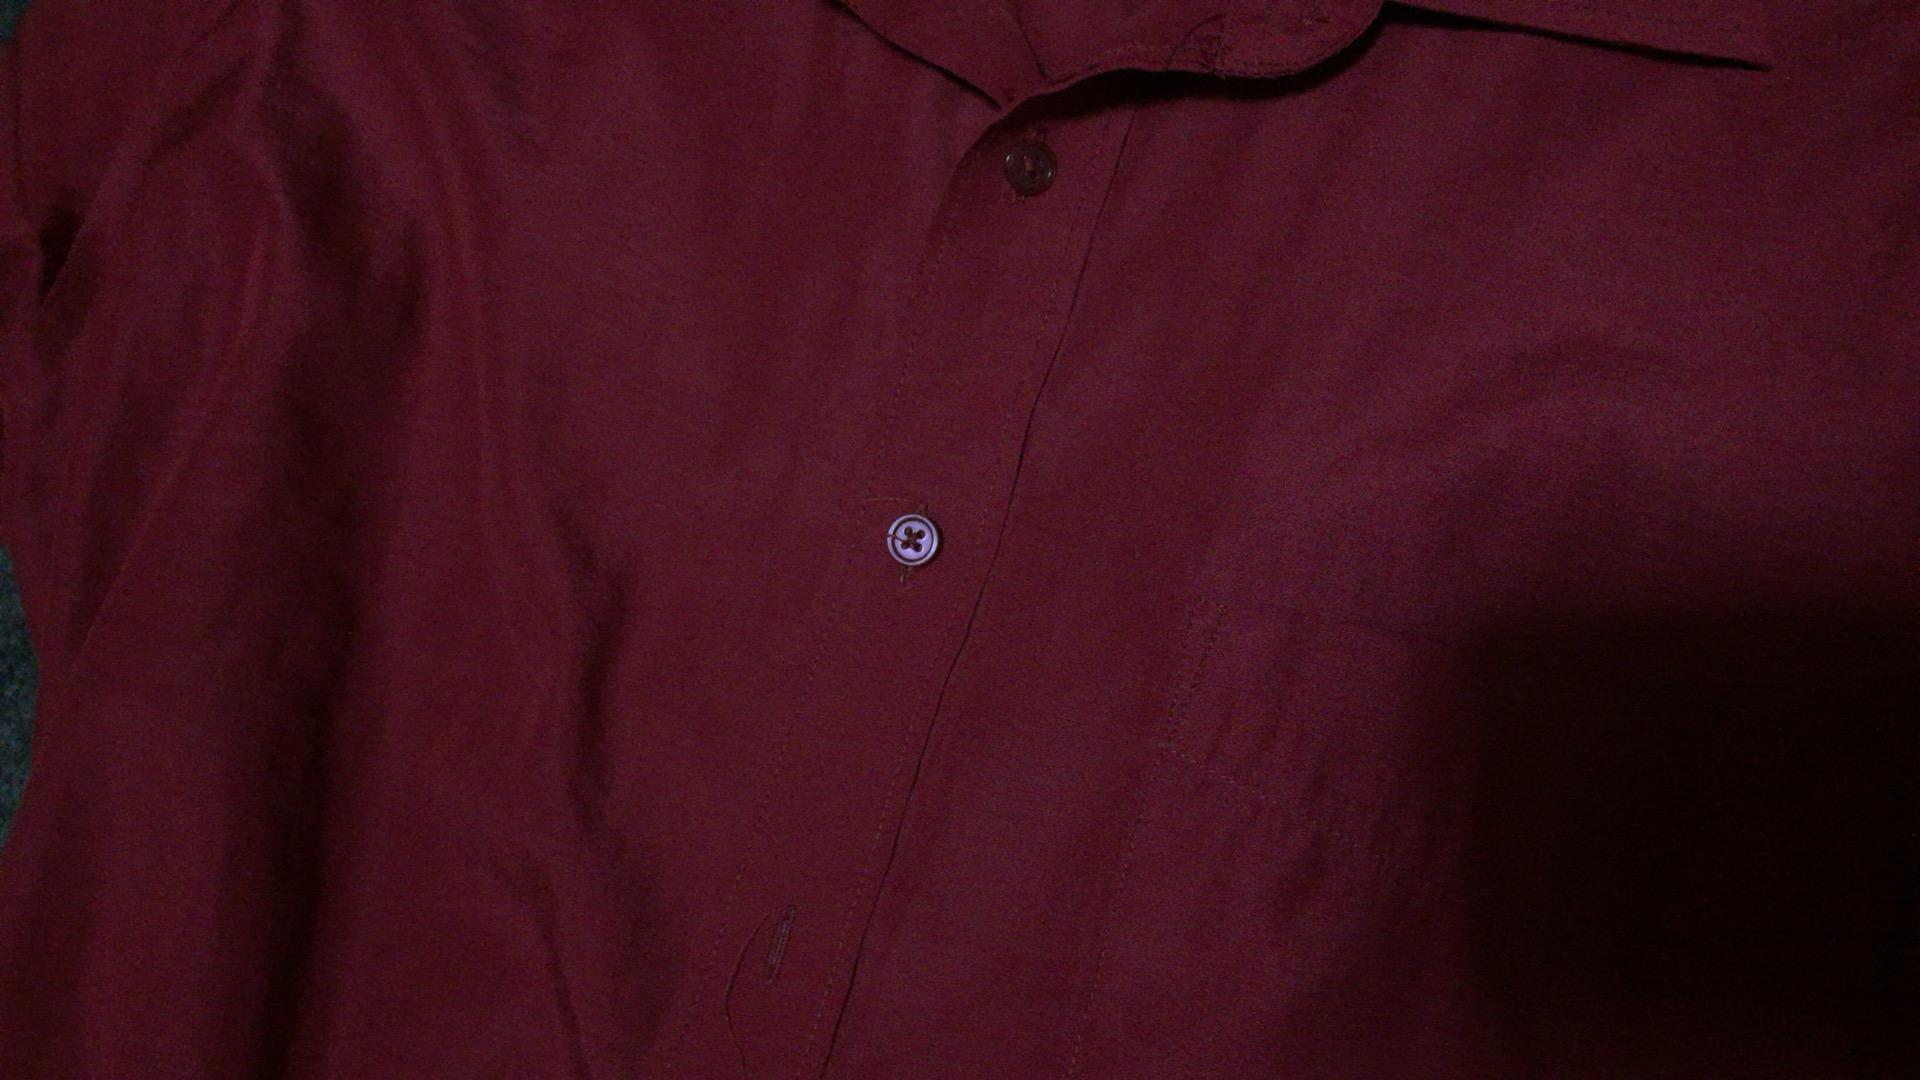 お気に入りのレッスン着は、人によってタイプがちがいます。